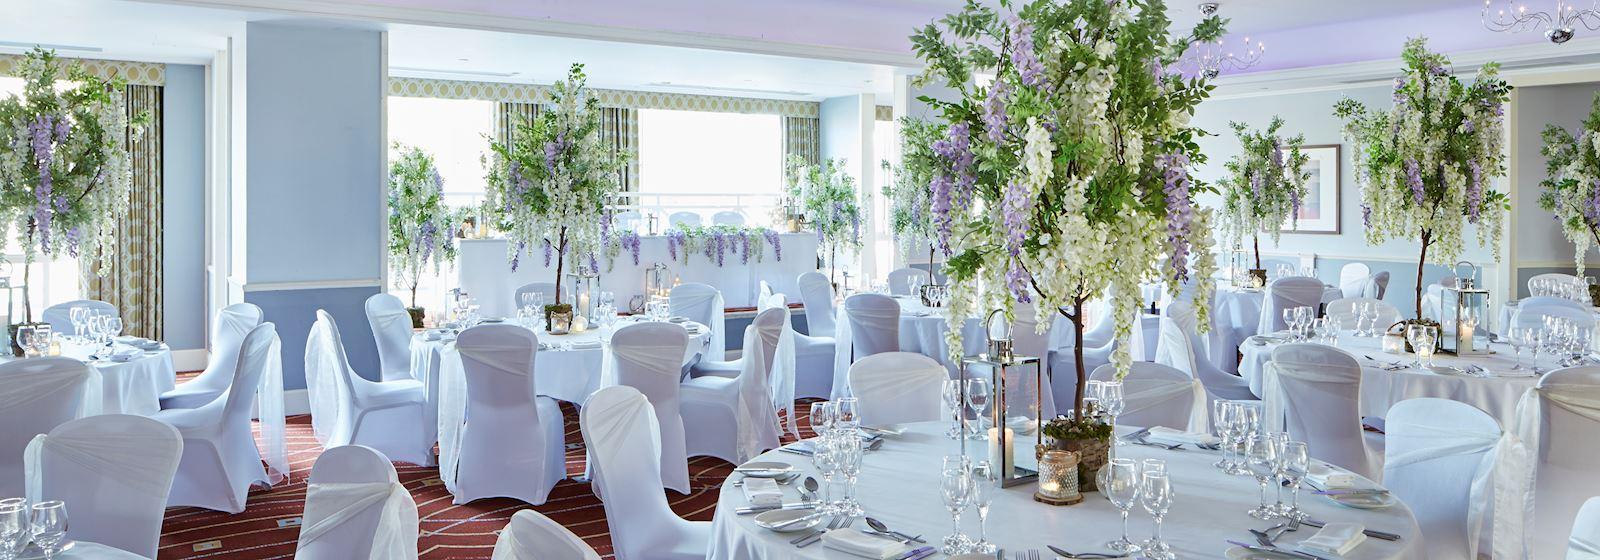 Wedding Party Spaces Bexleyheath